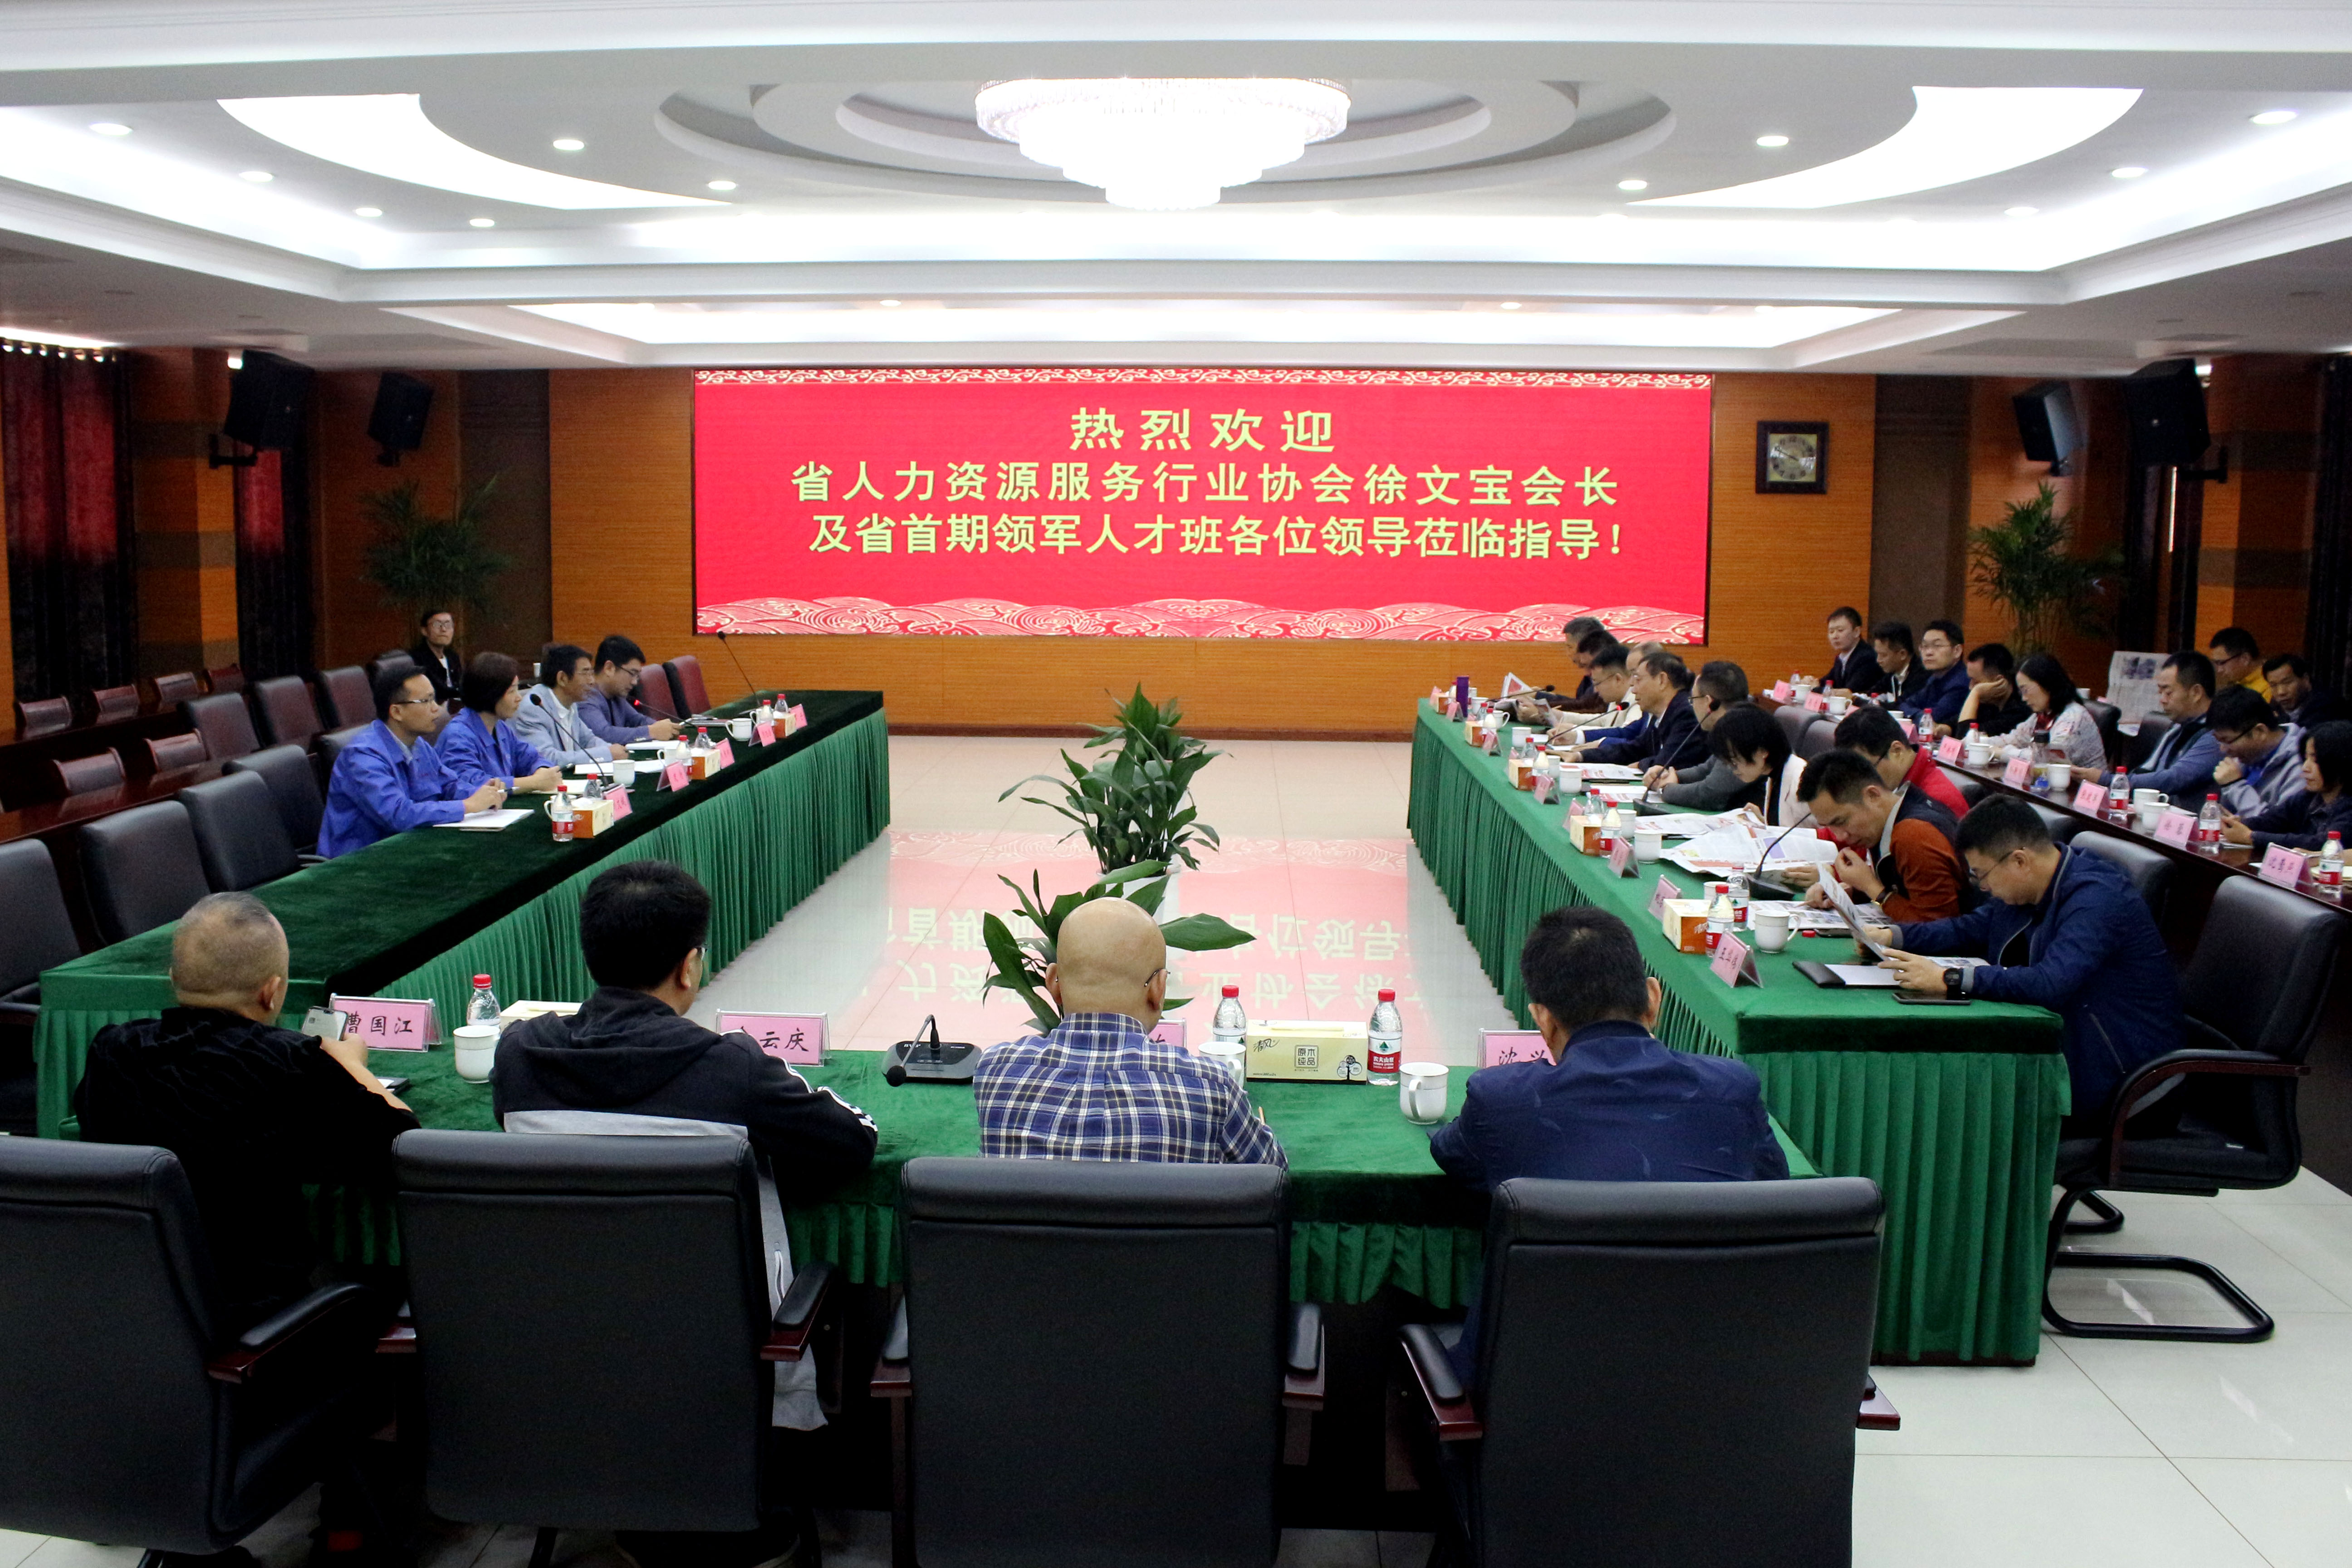 2019年10月19日,江苏省人力资源服务行业领军人才班来上上参观考察